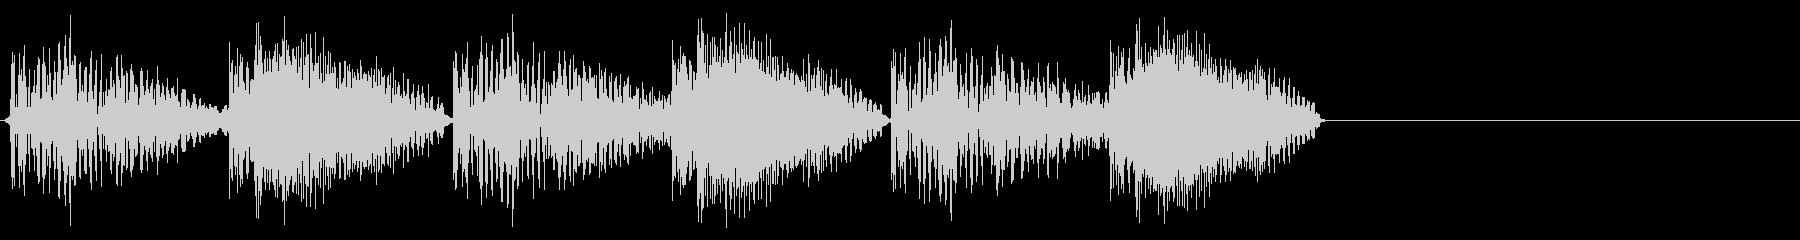 払い出し音・答え・結果の未再生の波形